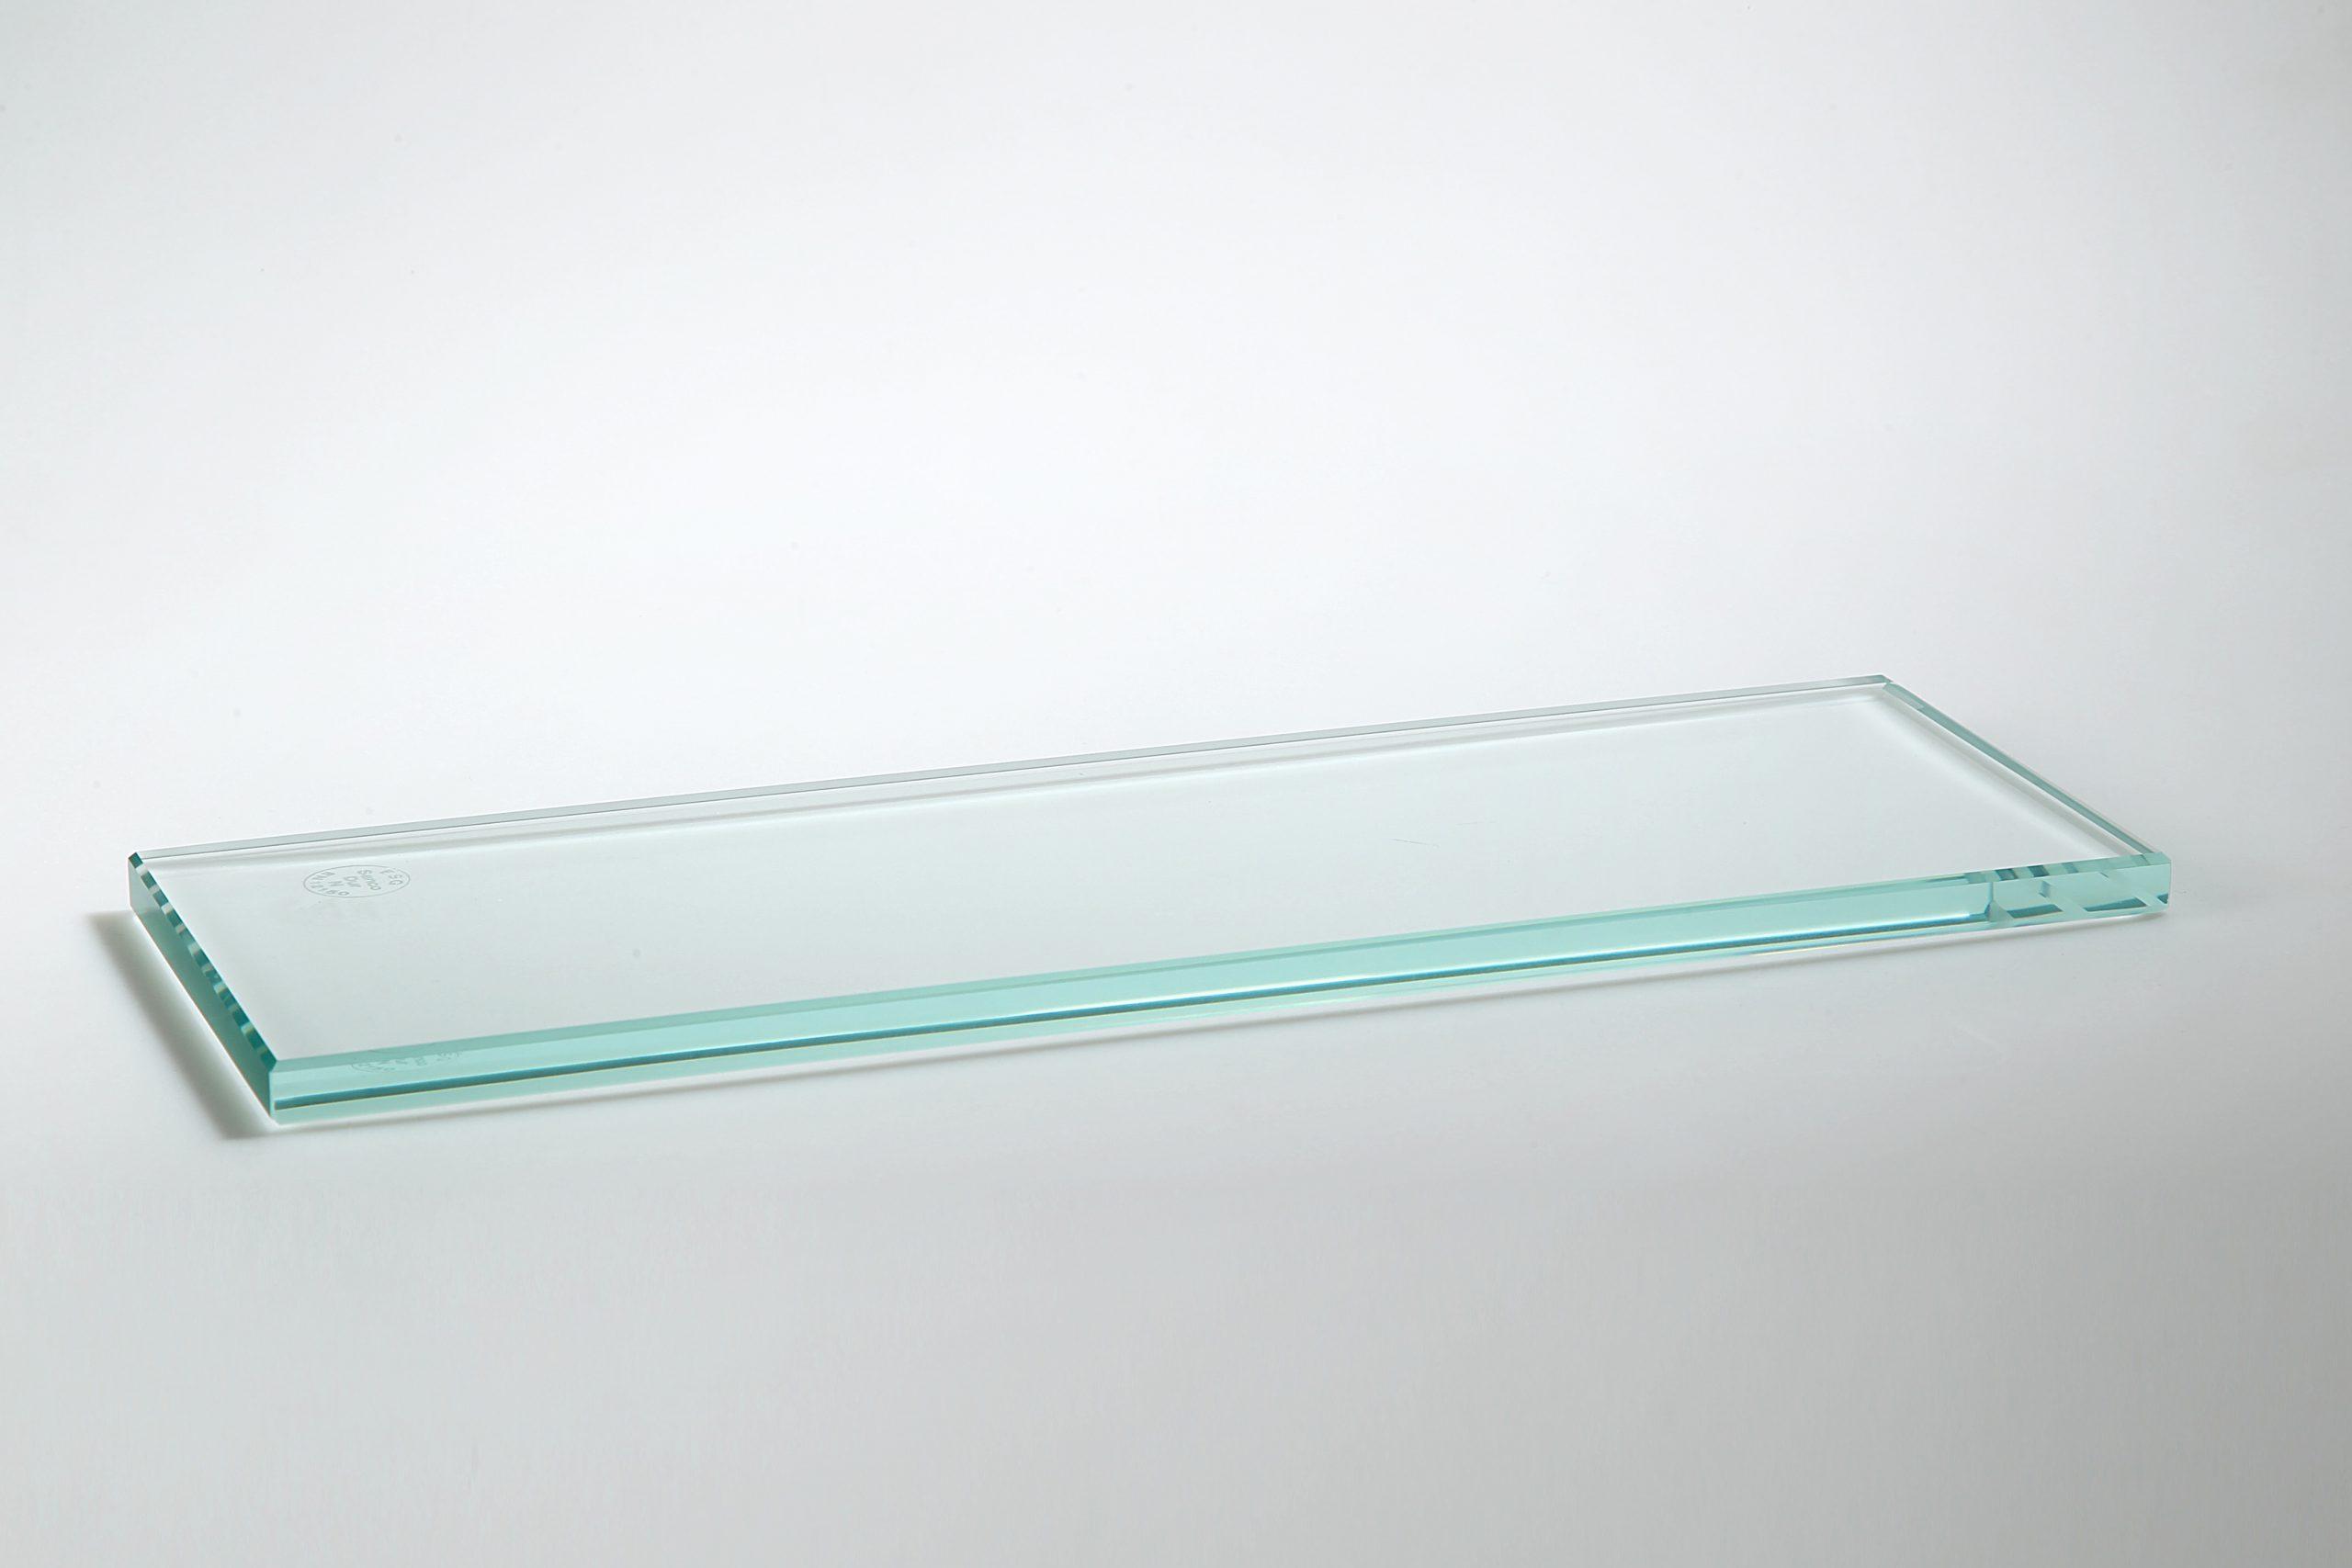 قیمت شیشه 20 میل | خرید شیشه 20 میل با تخفیف